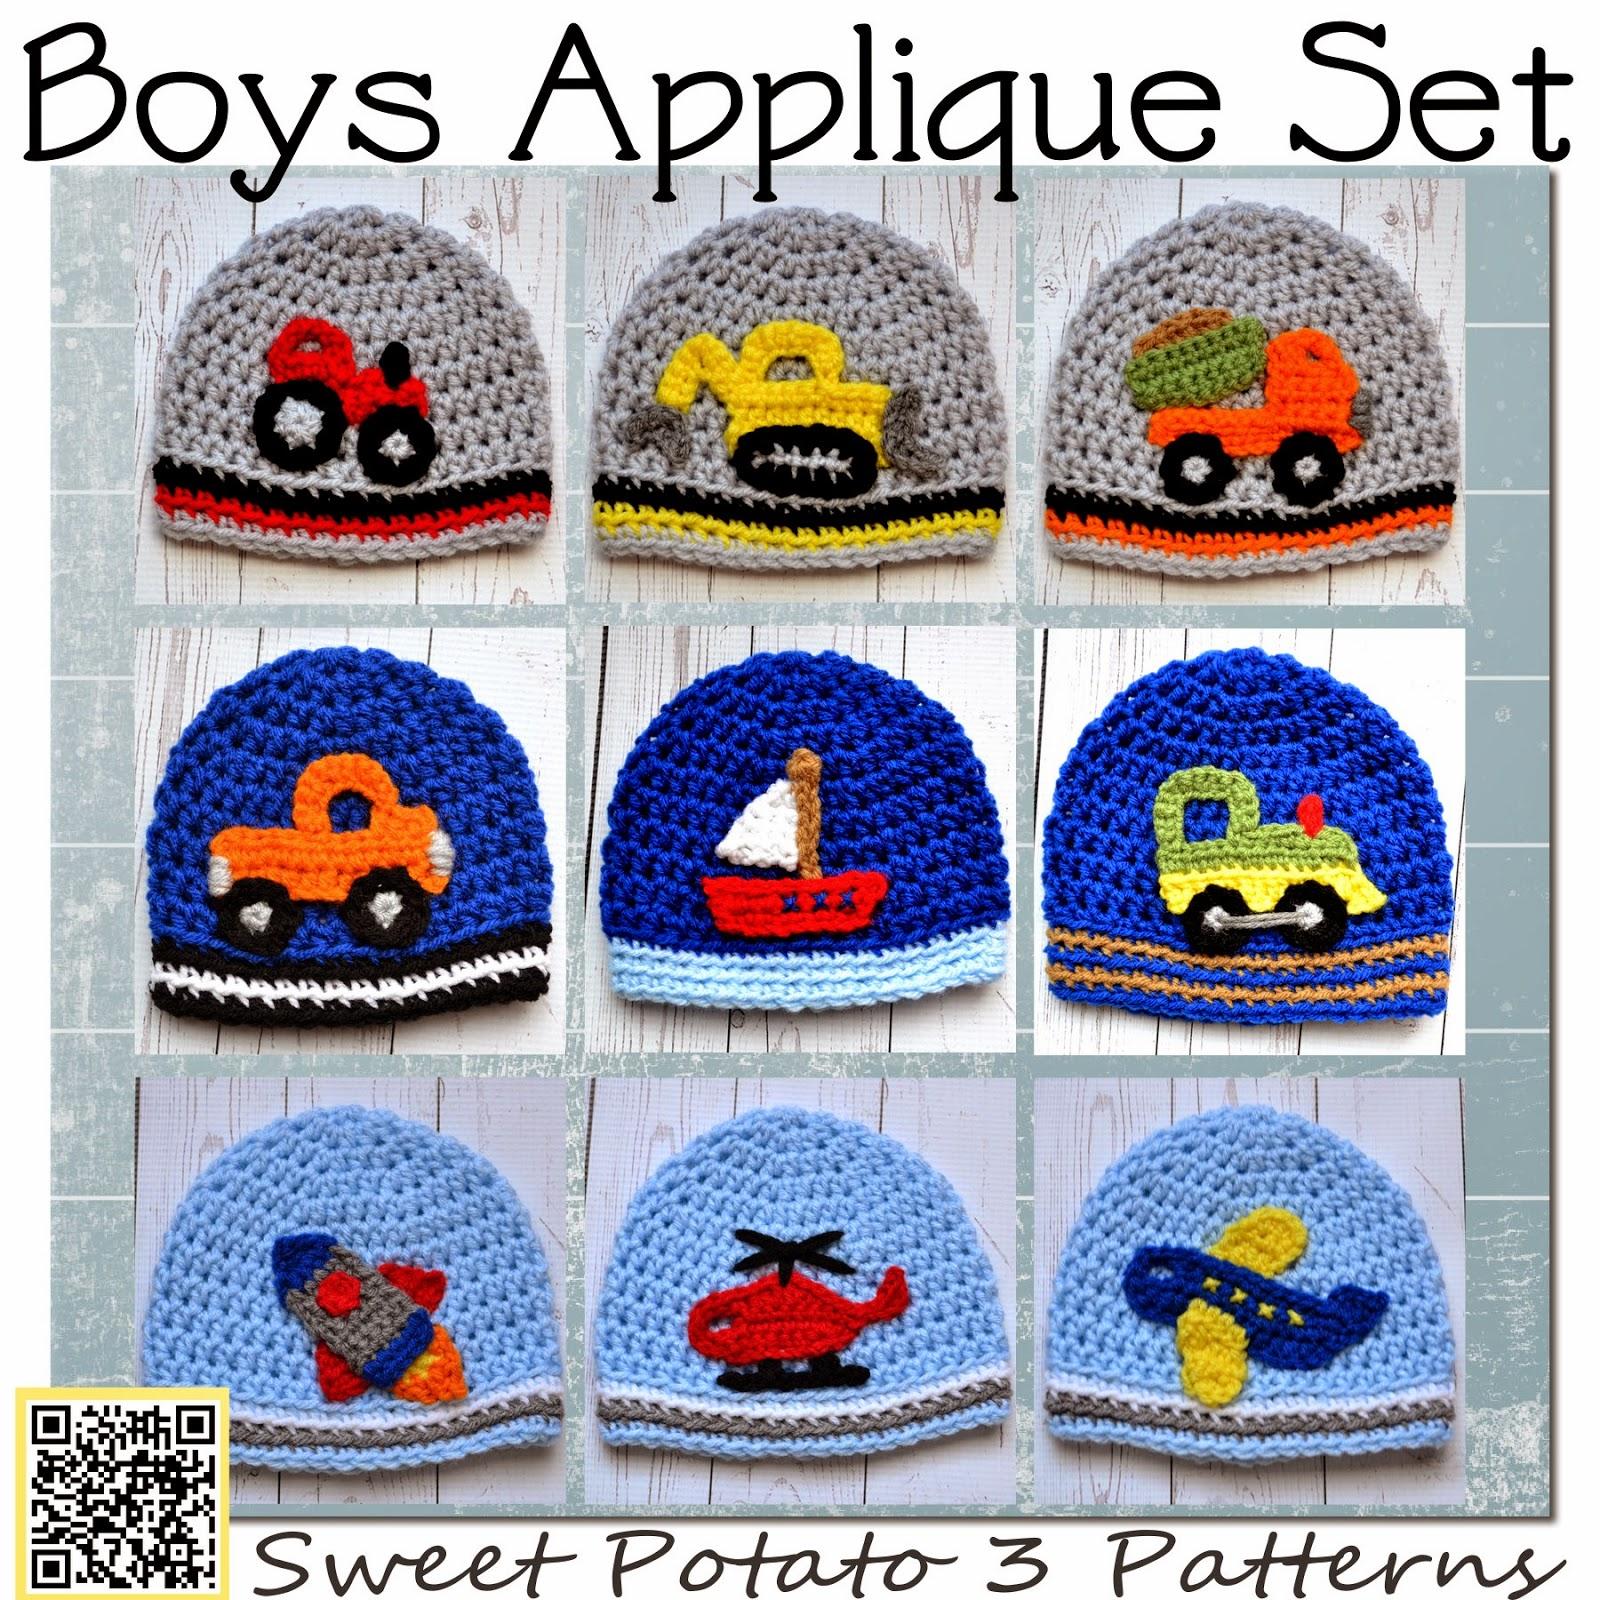 All Boy Applique Crochet Pattern